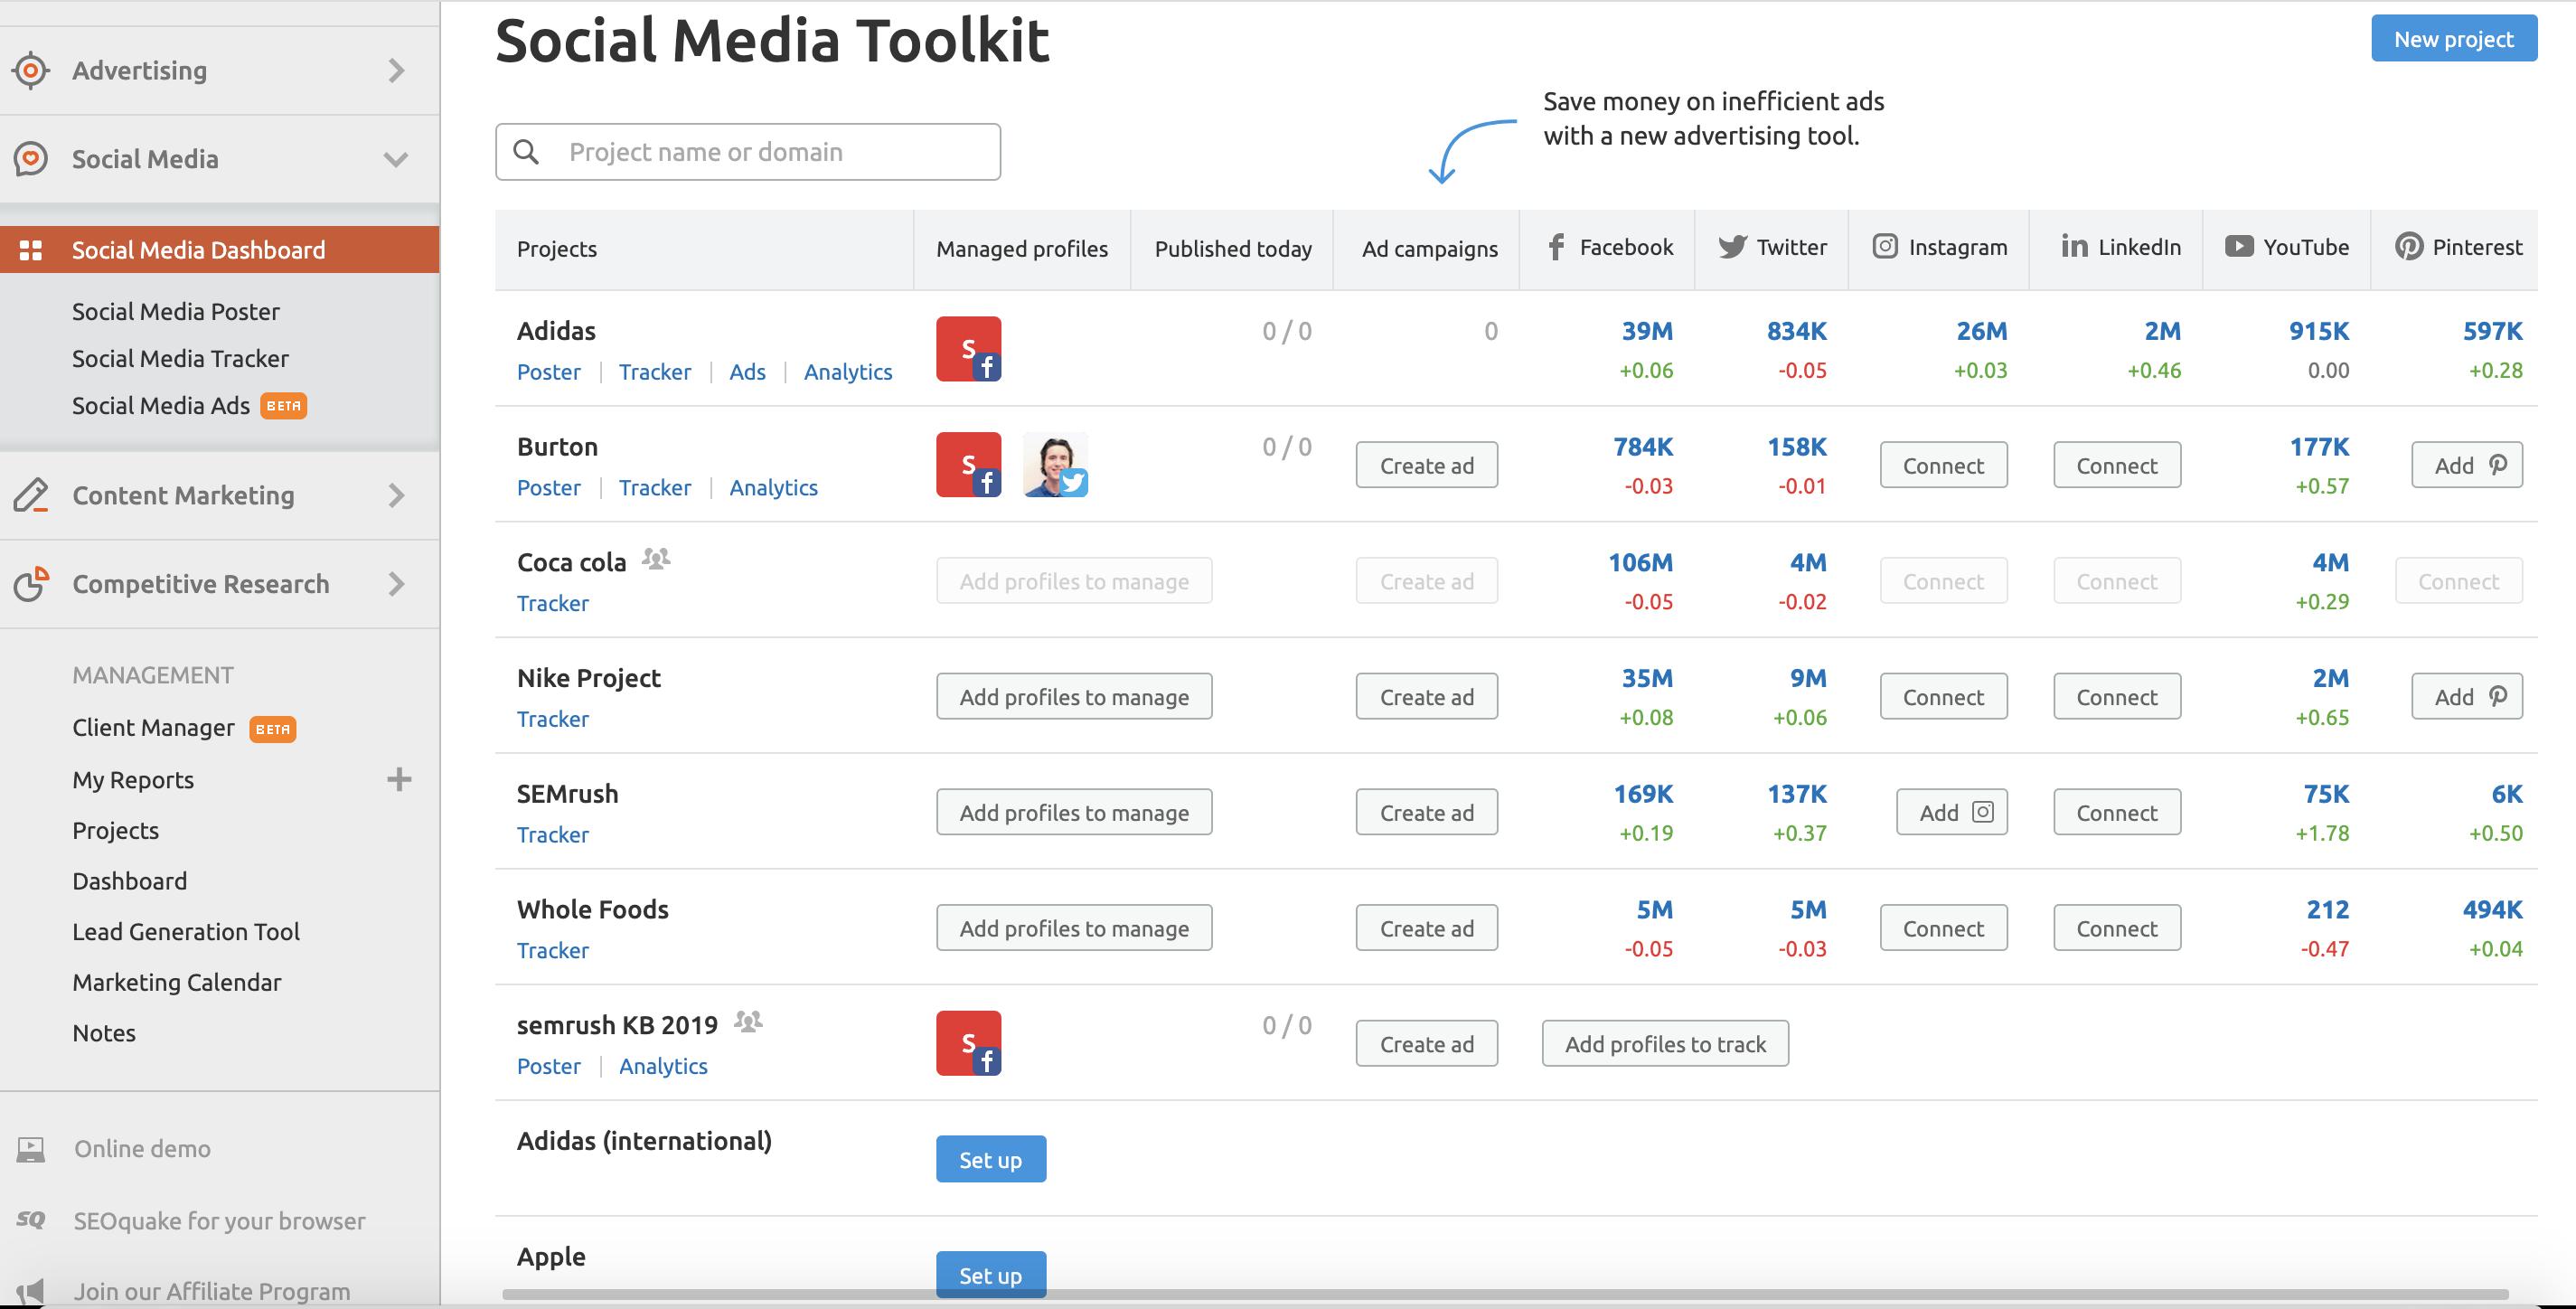 semrush-social-media-toolkit-screenshot